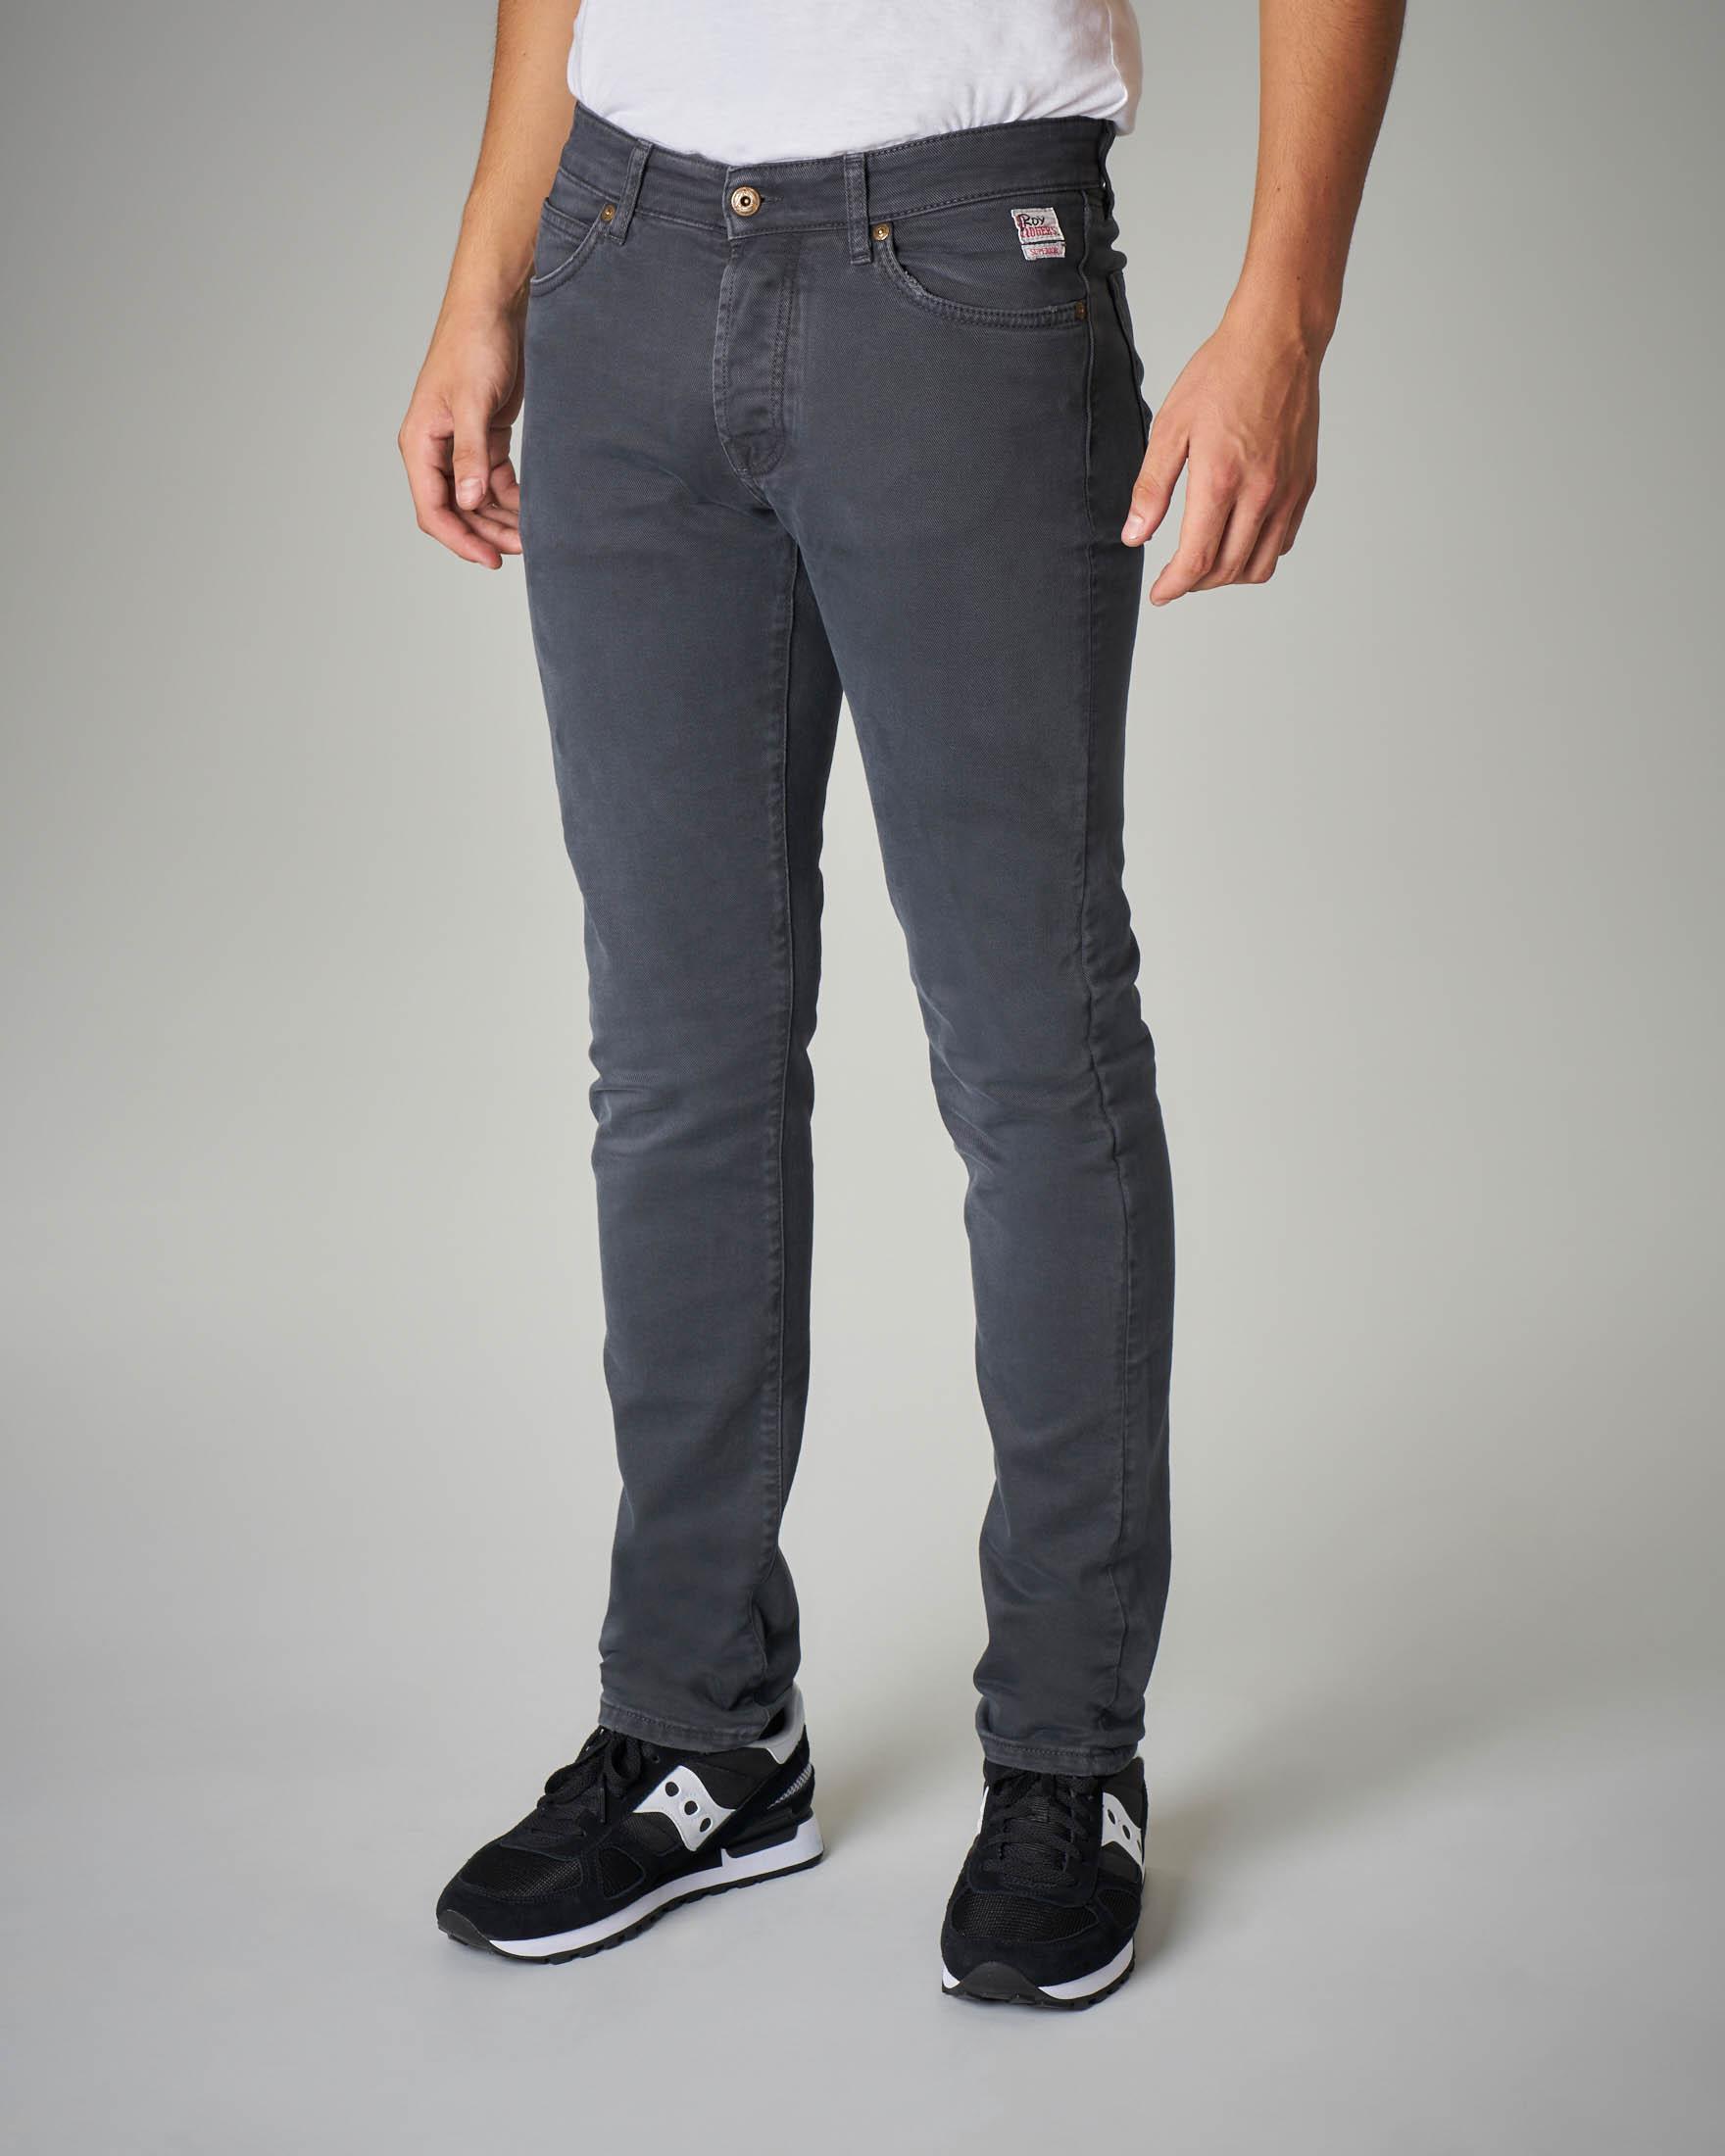 Pantalone cinque tasche grigio scuro